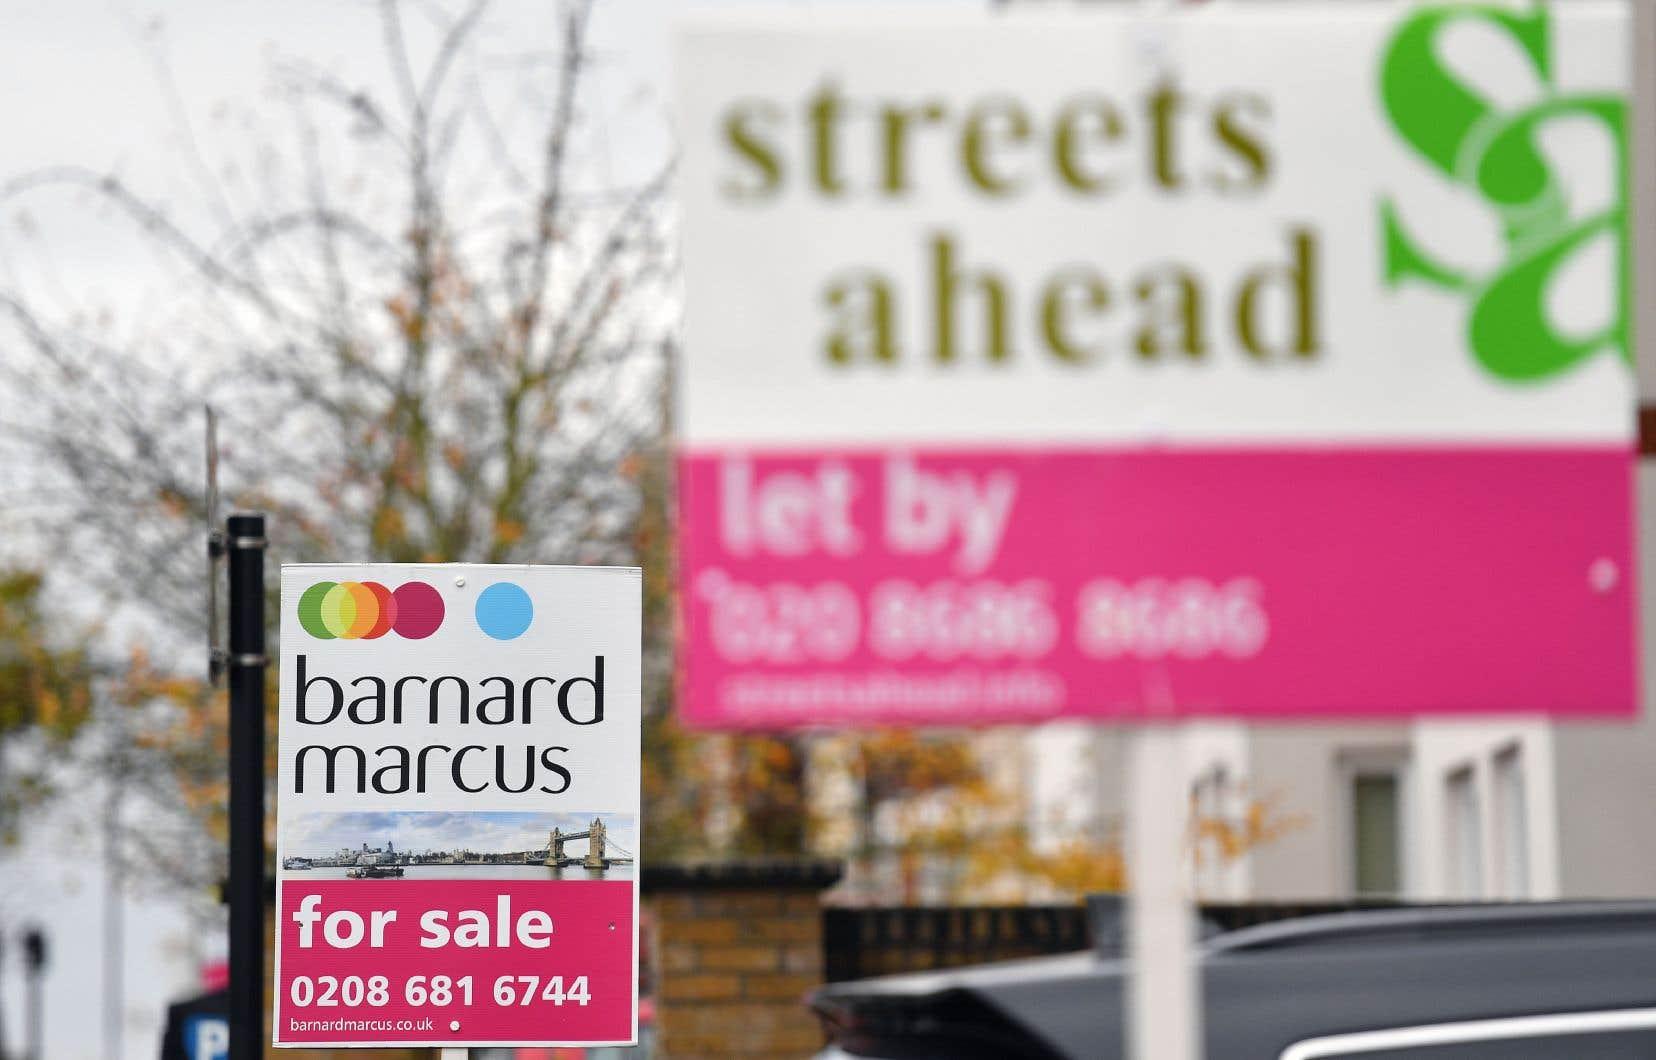 Vous voulez avoir une idée des tendances que vont suivre les prix immobiliers dans les grandes villes canadiennes? Regardez ce qui se passe à Londres, entre autres.